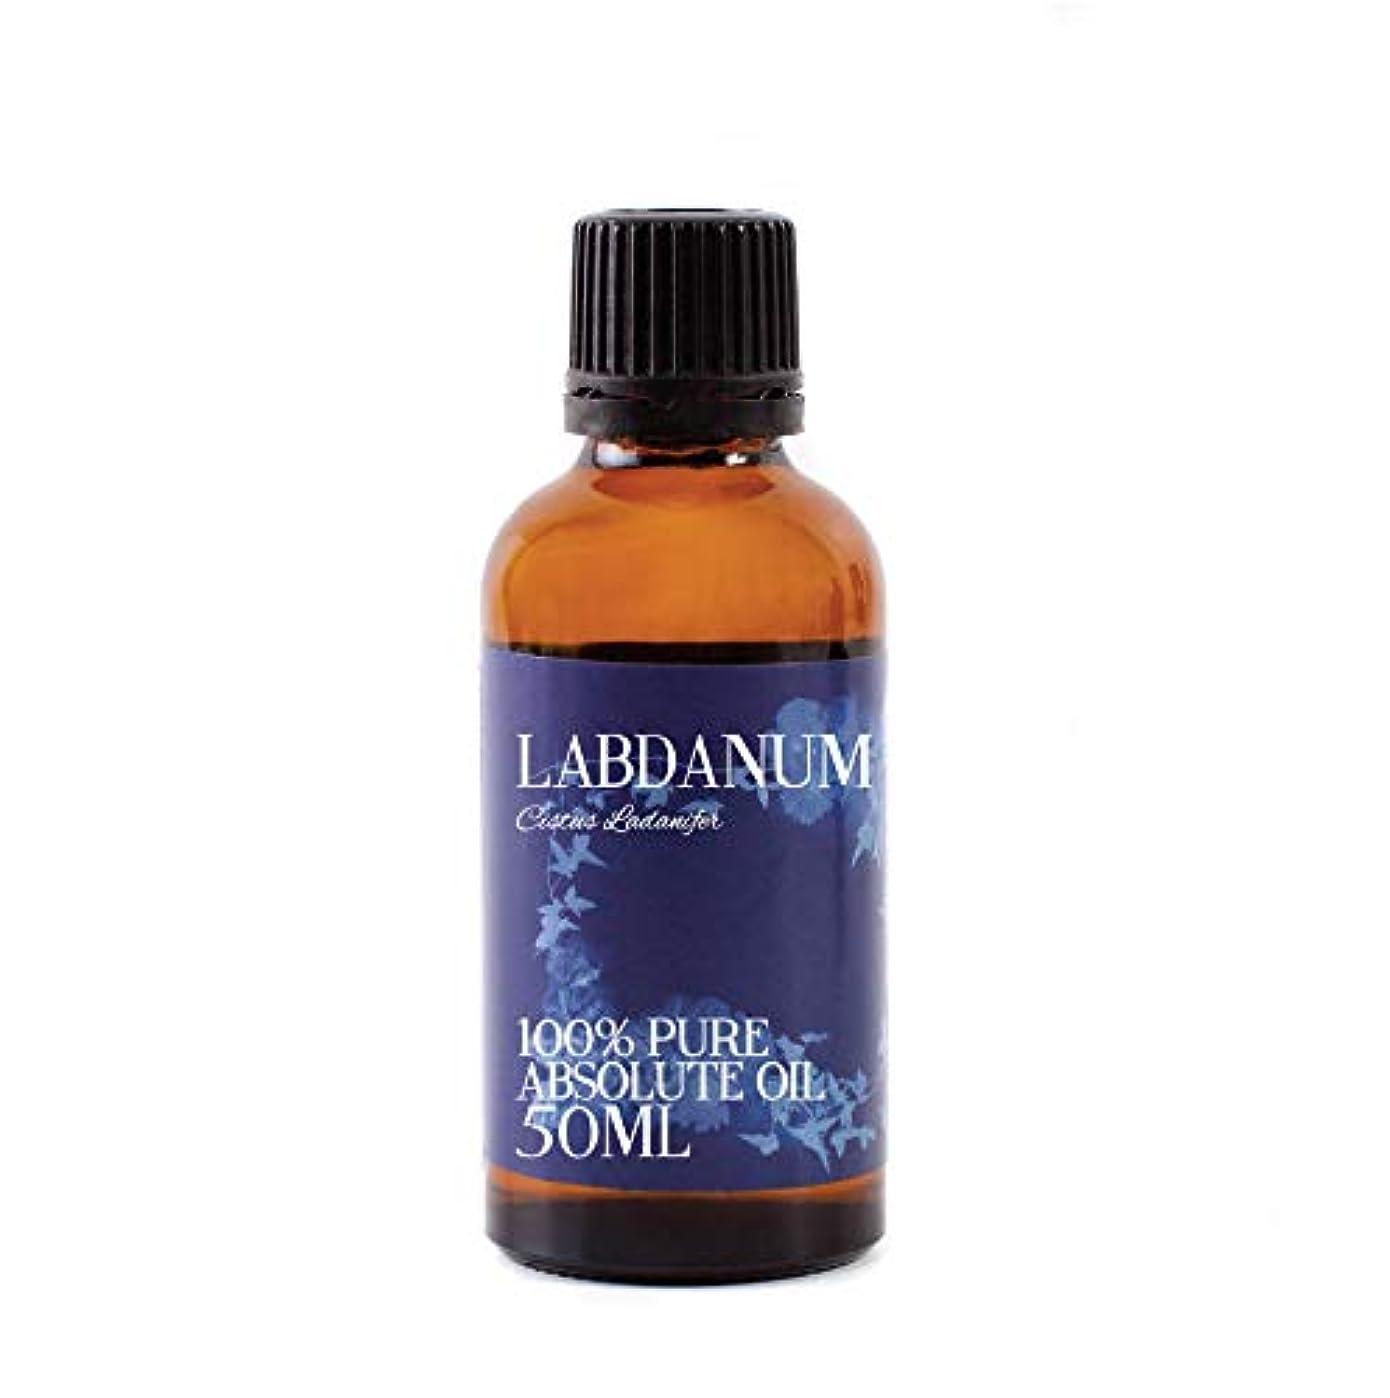 チャーム自分を引き上げるごみLabdanum Absolute 50ml - 100% Pure